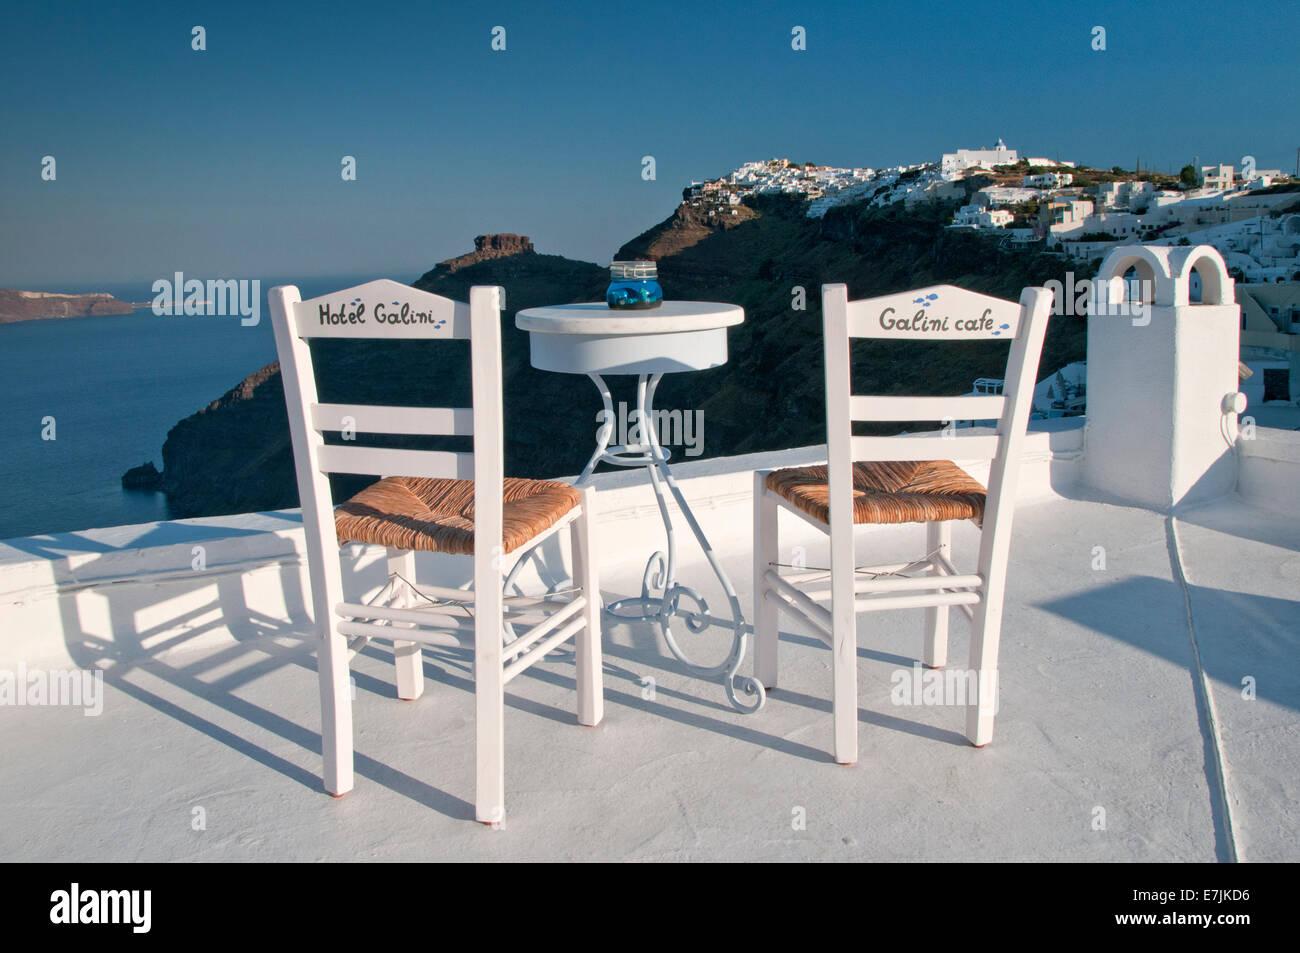 El hotel Galini mesa y sillas con vistas a la Caldera, Firostefani, Santorini, Cícladas, Islas Griegas, Grecia, Imagen De Stock